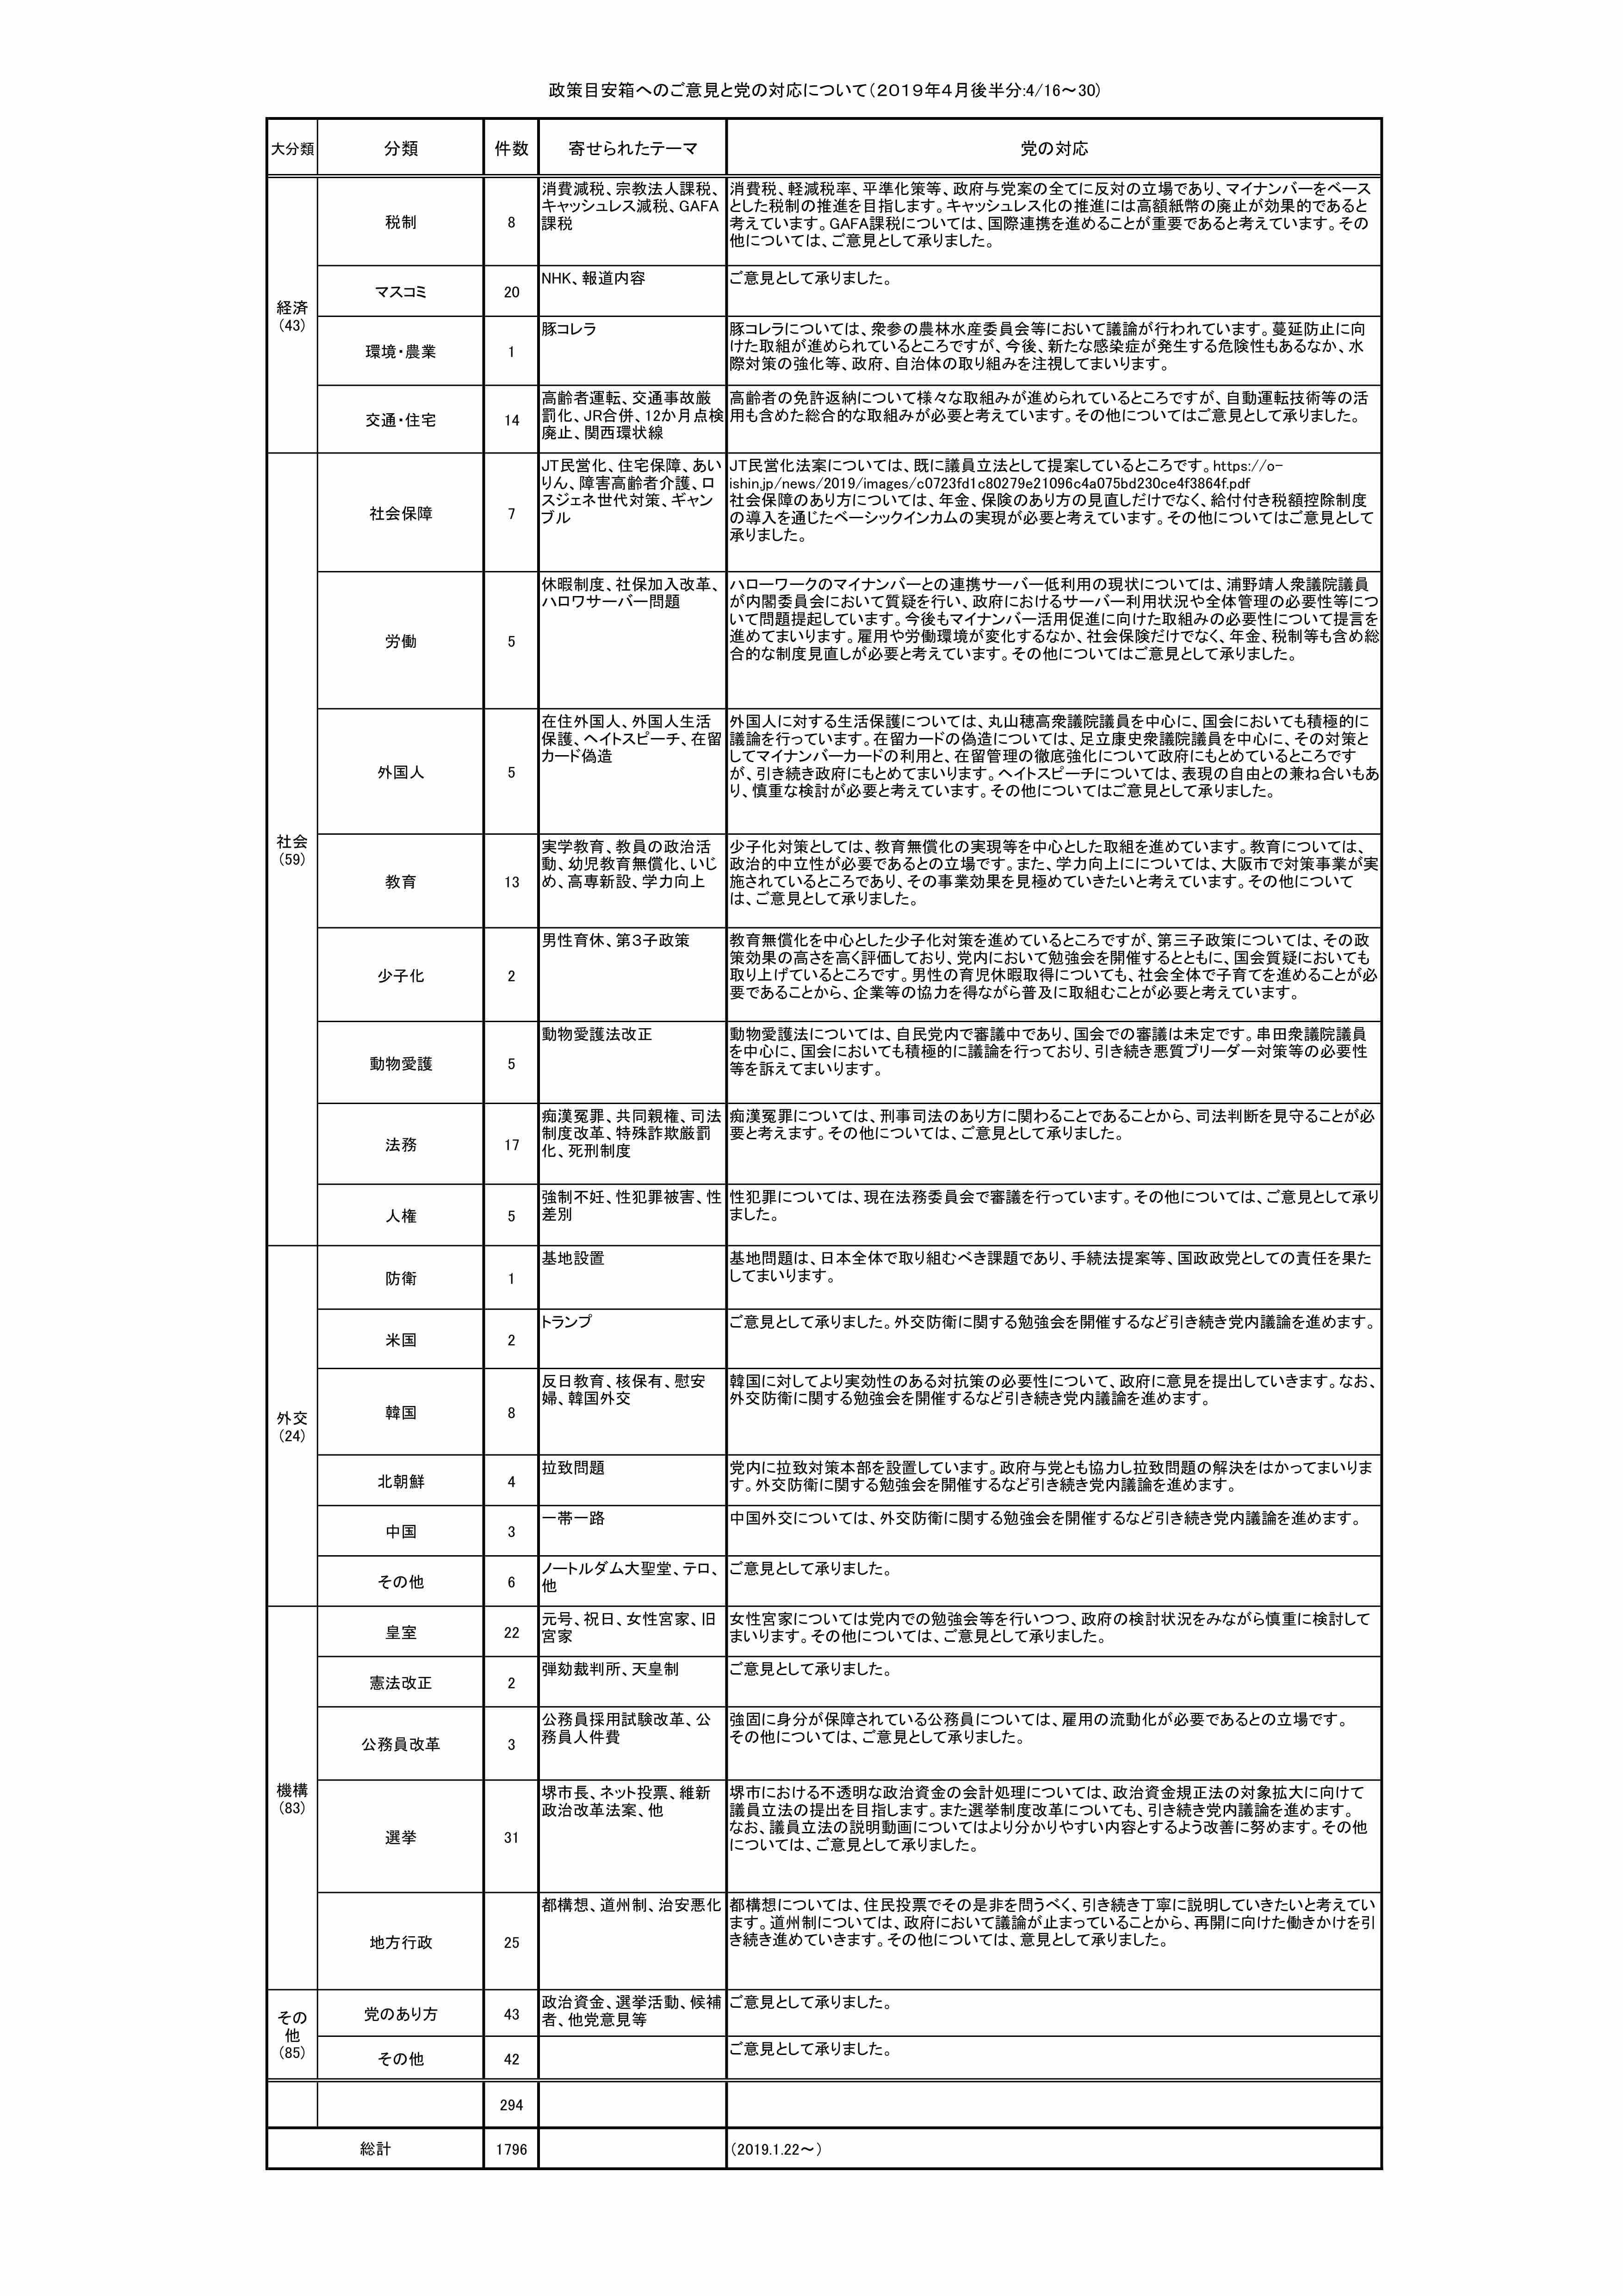 2019年5月24日(金)政策目安箱へのご意見と党の対応について(平成31年4月後半分)